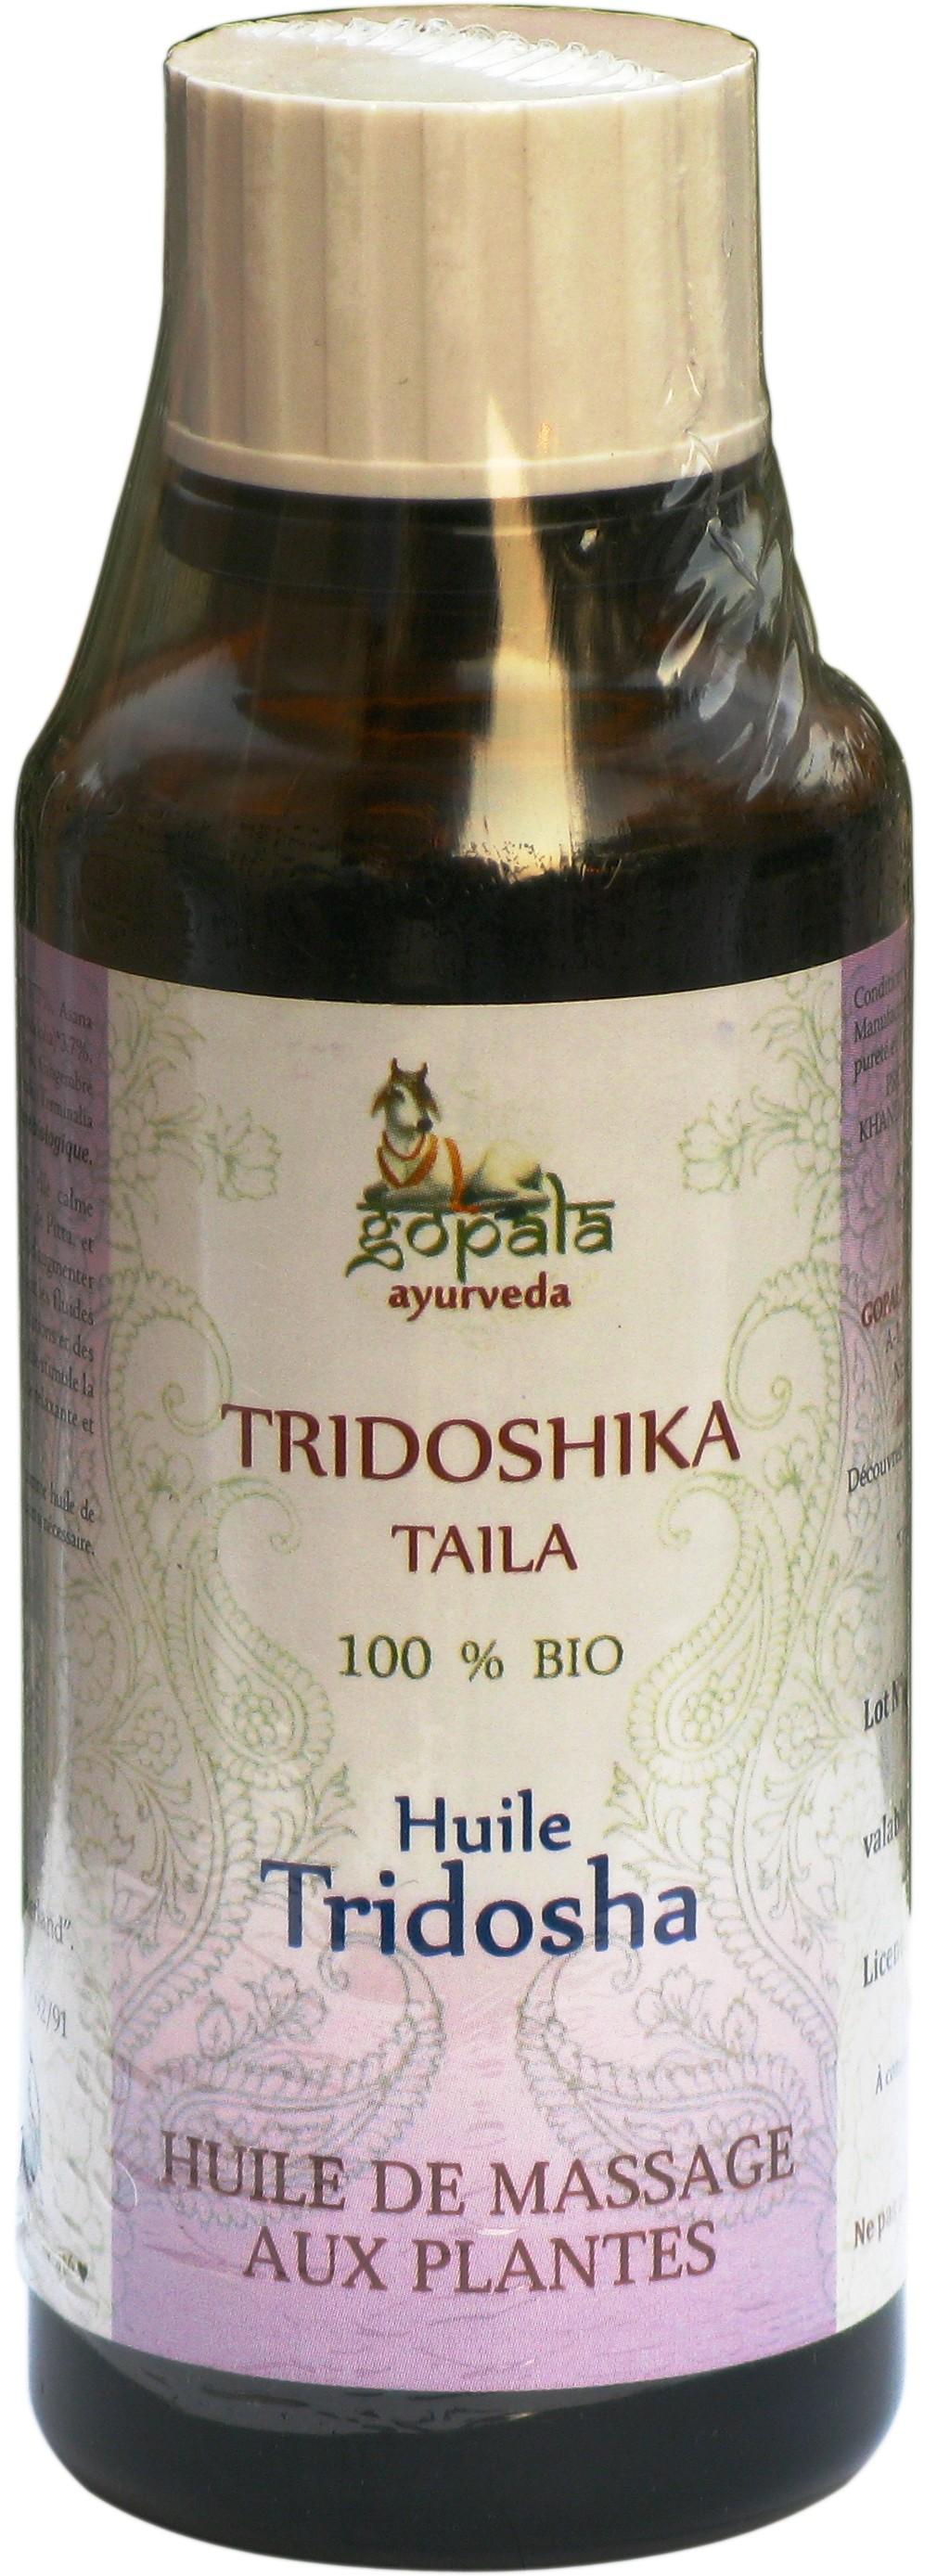 Gopala Ayurveda TRIDOSHIKA taila BIO